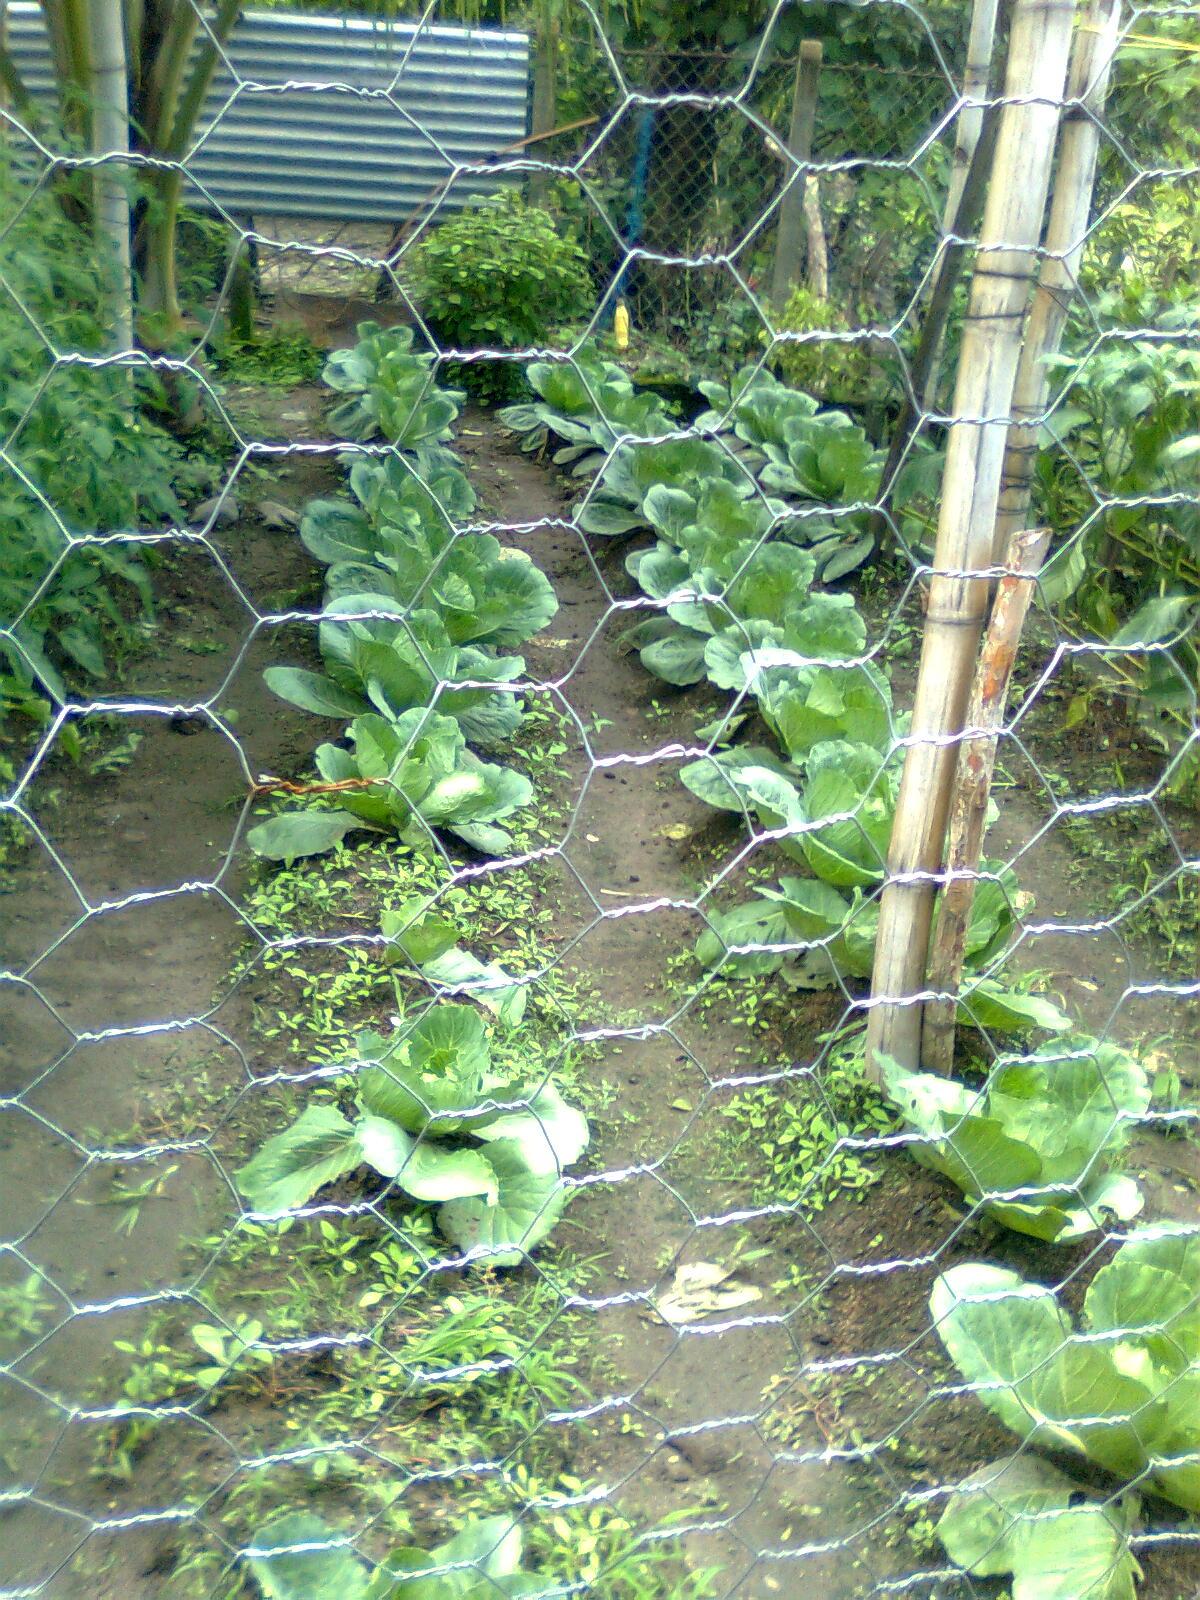 con el programa de semillas y huertos caseros respetando los principios de sercoba educar y organizar el promotor educa con charlas sobre